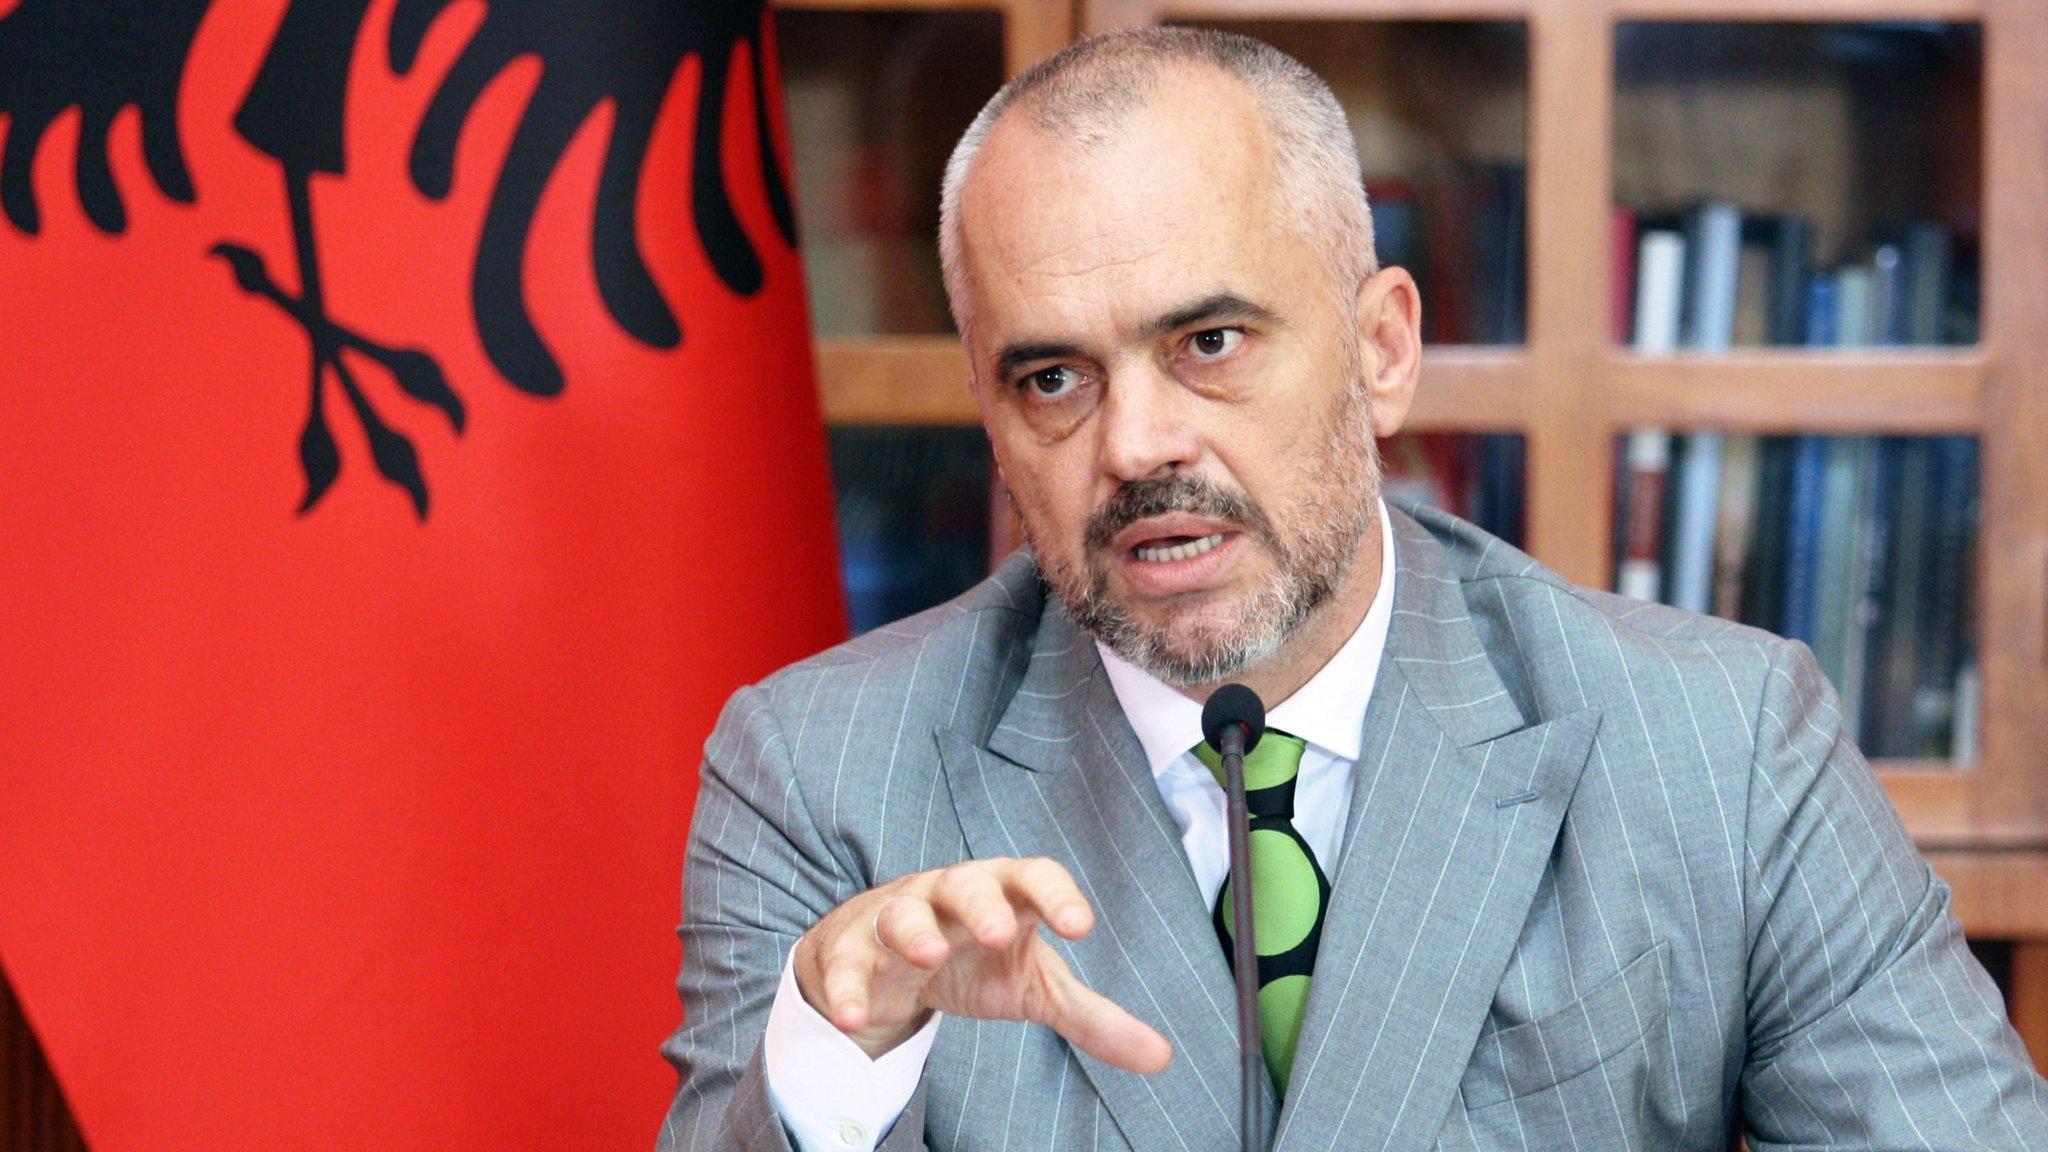 Albanski premijer Rama komentarisao reformu pravosuđa